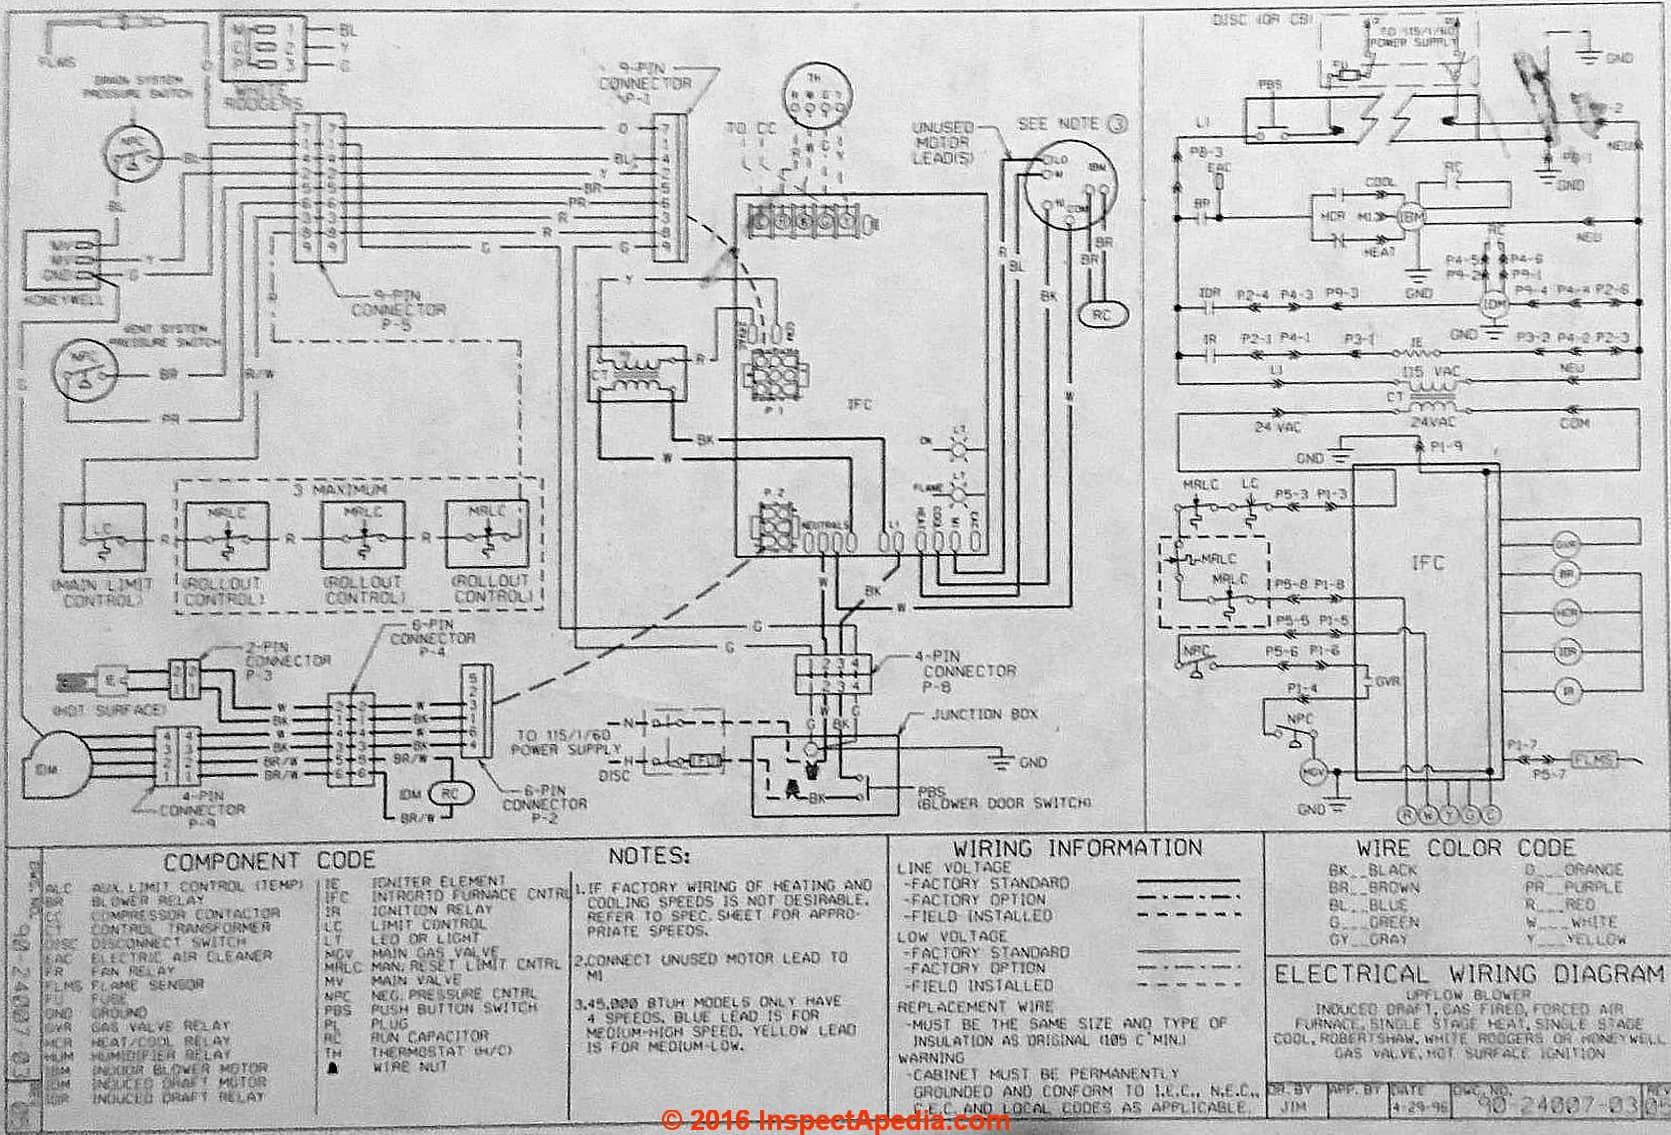 Rheem_AHU_Wiring_Diagram_IAP?resize\=840%2C571 rheem ac unit wiring diagram rheem wiring diagrams collection Rheem Thermostat Wiring at n-0.co